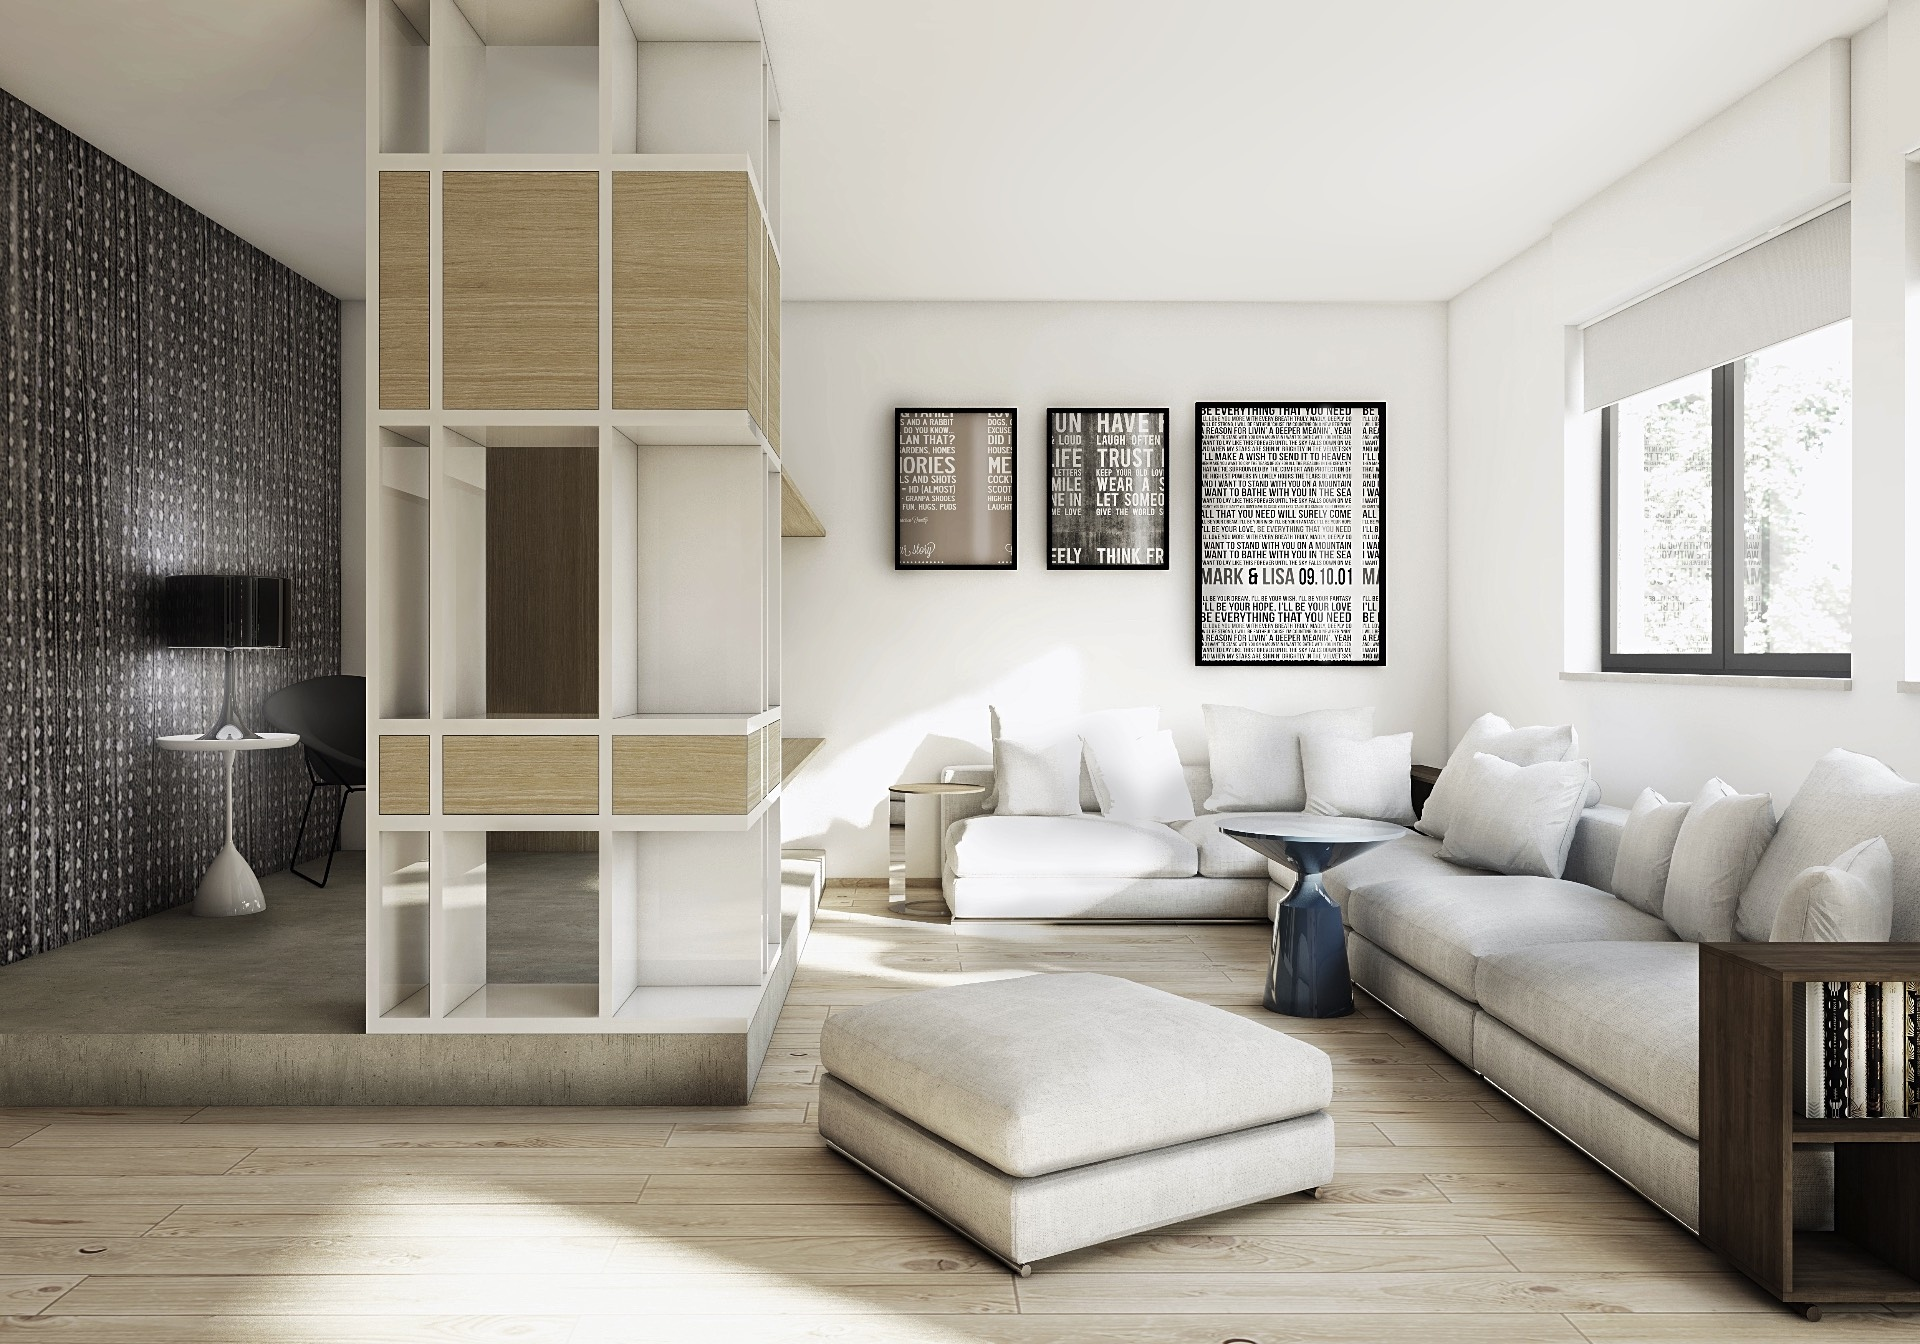 Cbi081 750 svr129 loft open space in vendita a bergamo for Loft bergamo affitto